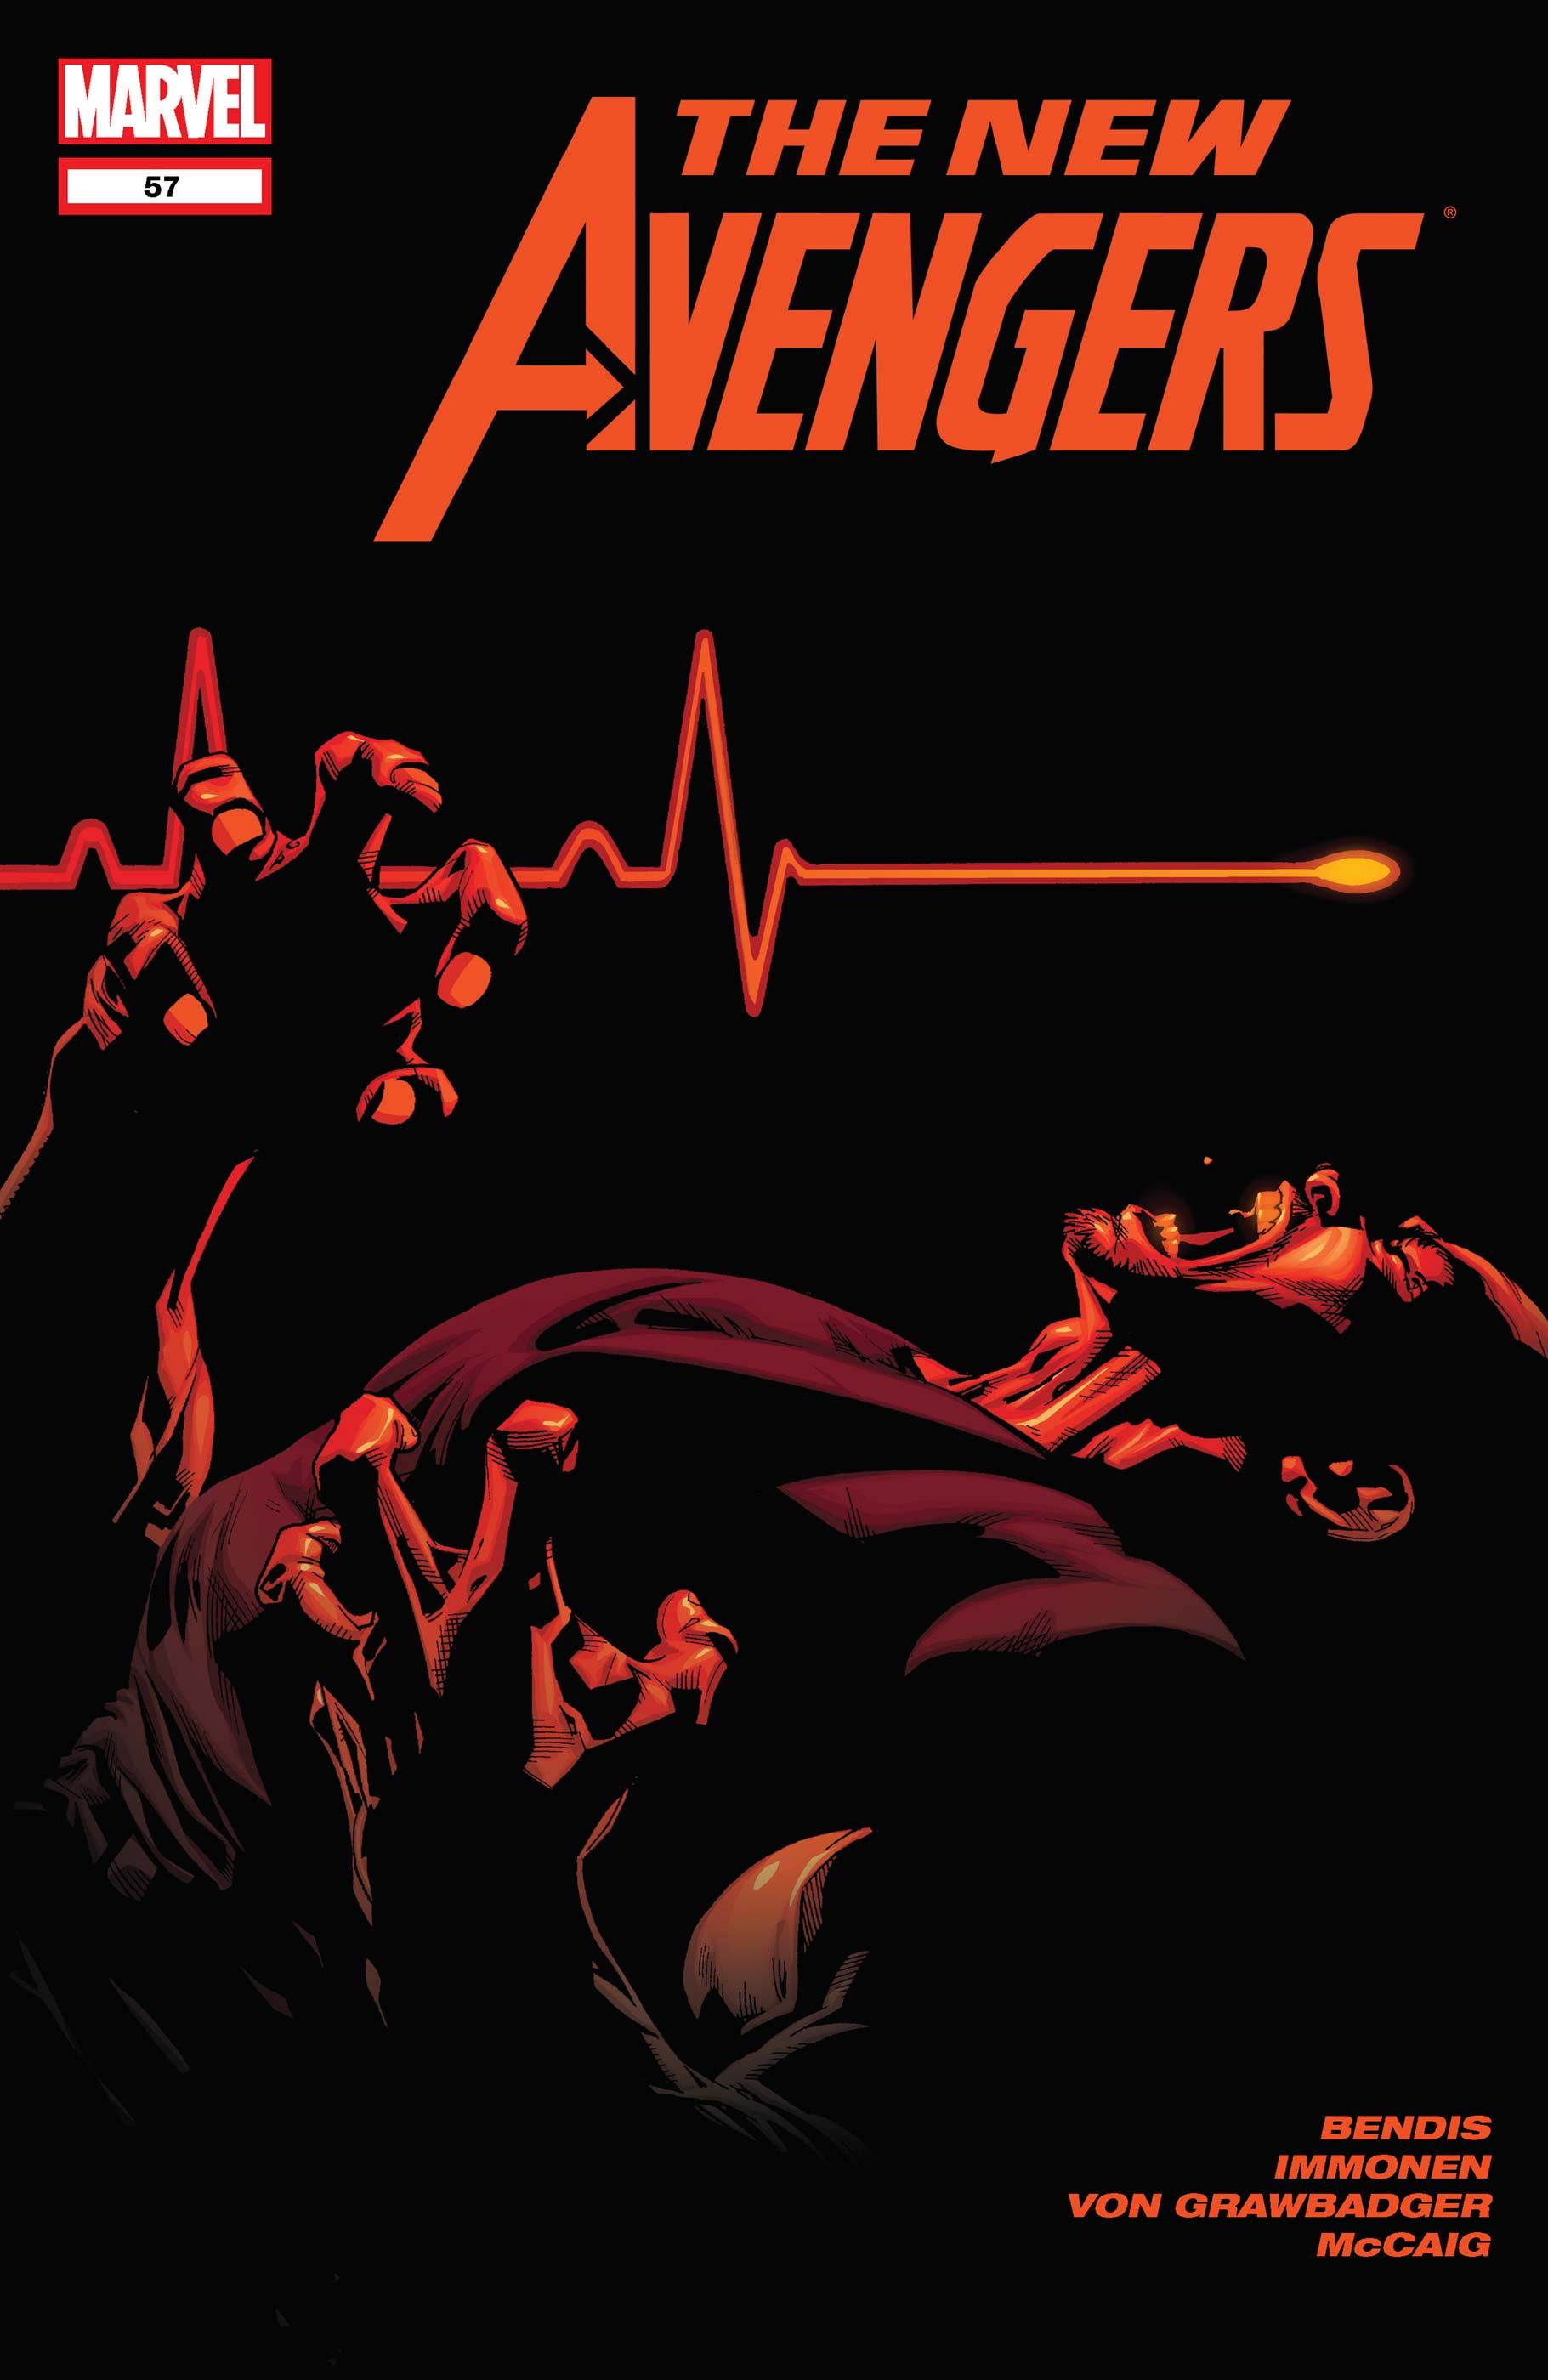 New Avengers (2004) #57